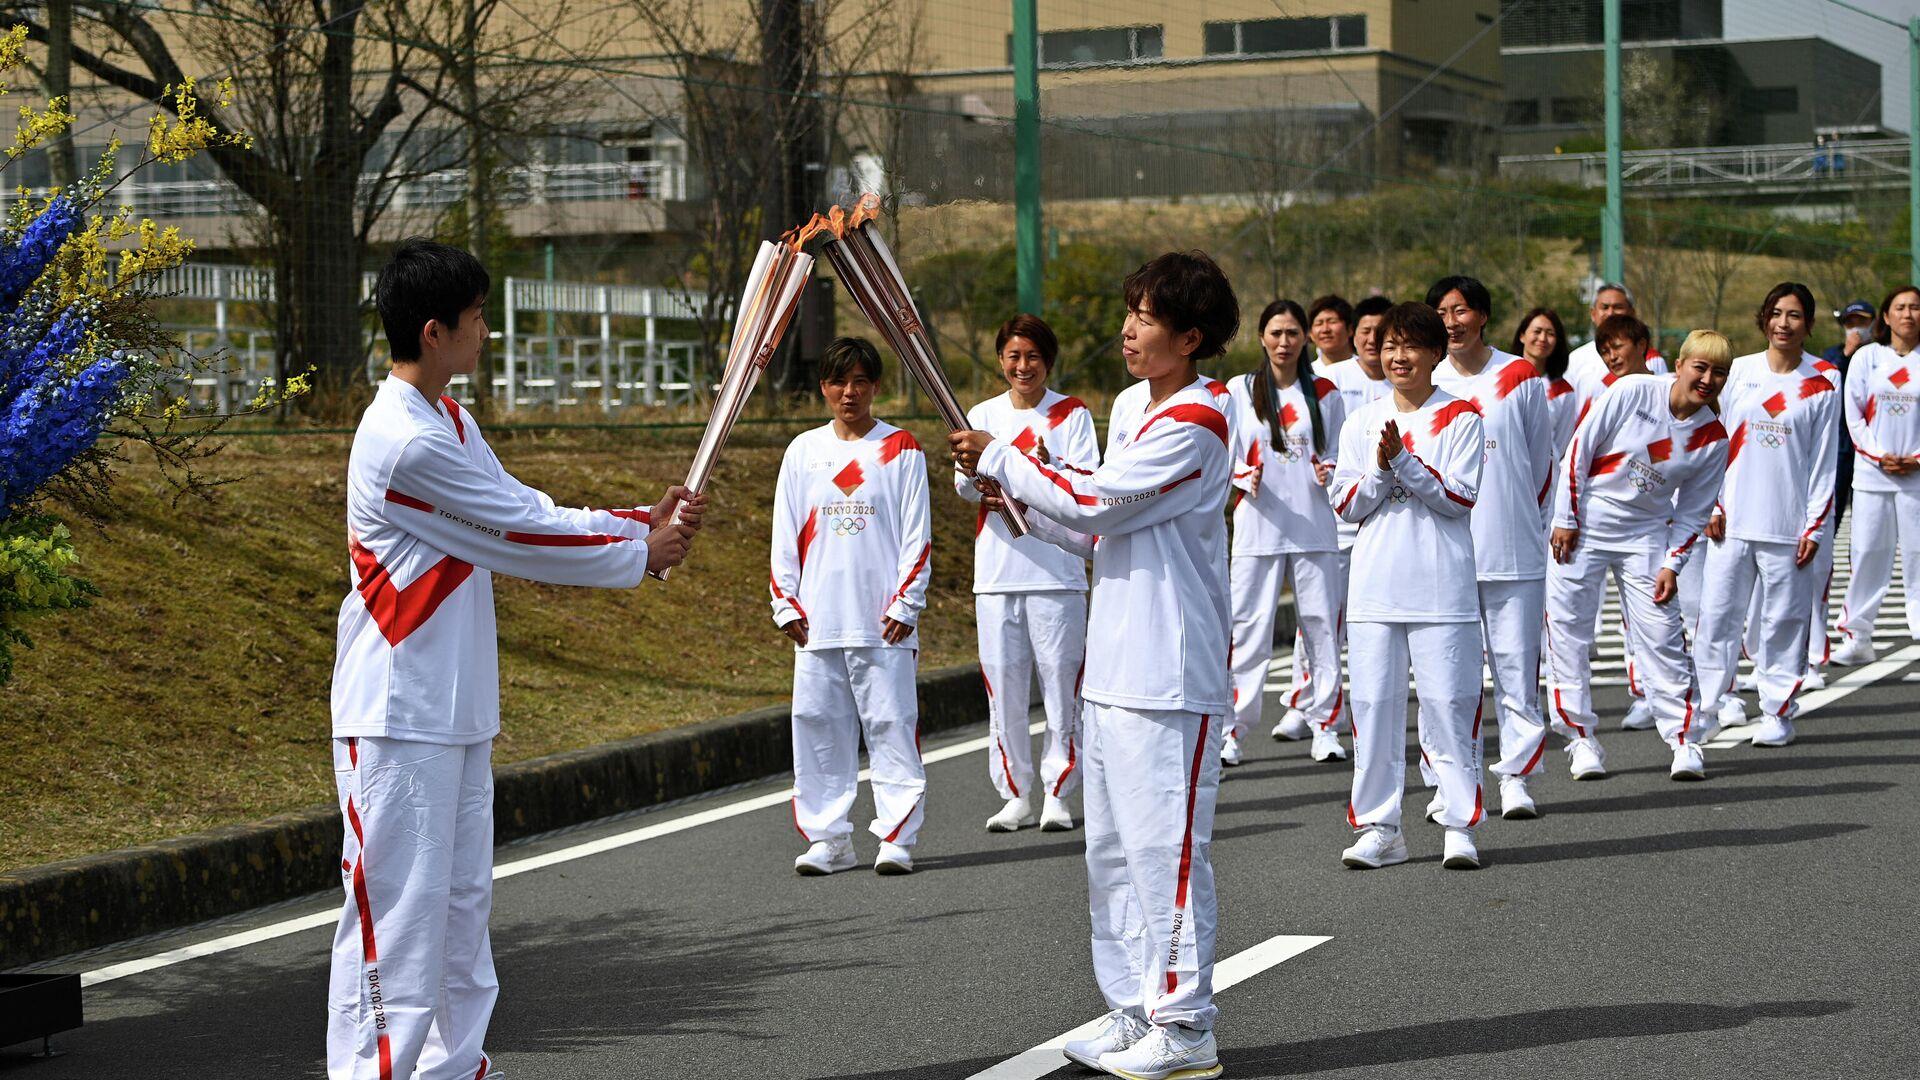 La ceremonia de relevo de la antorcha olímpica en Japón - Sputnik Mundo, 1920, 25.03.2021